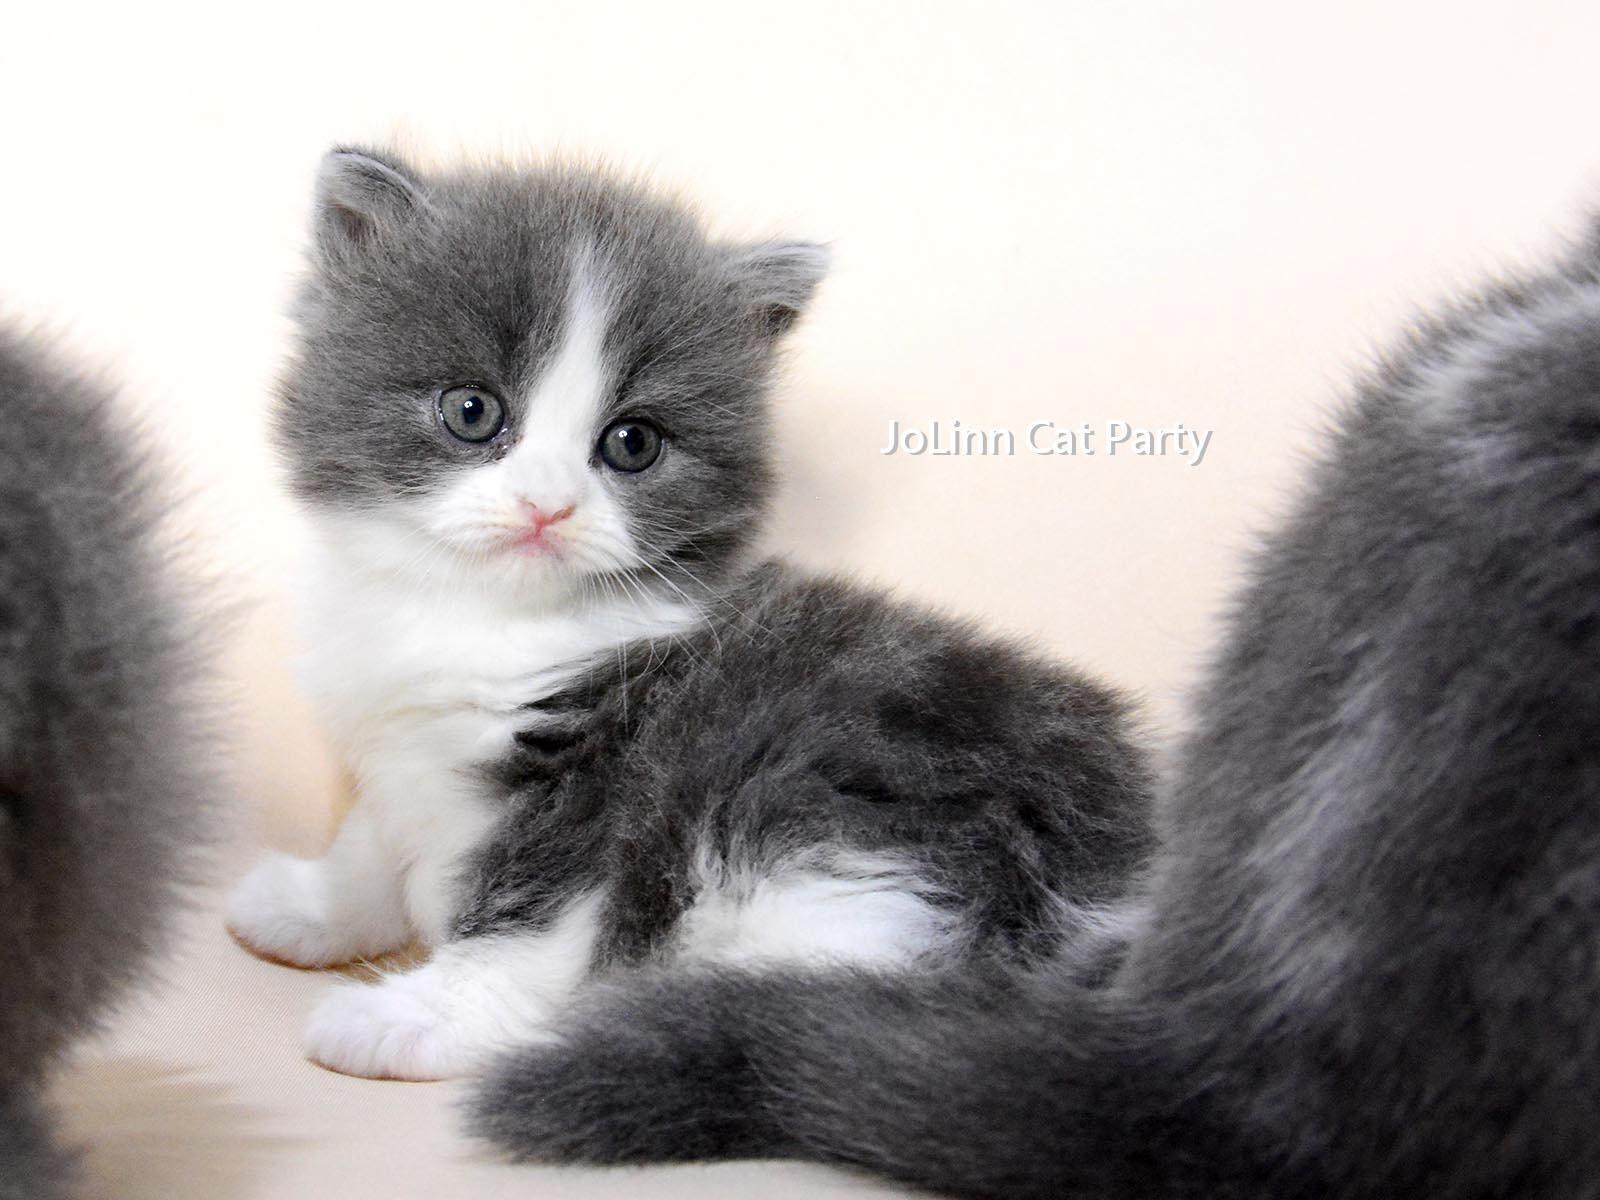 貓咪派對/藍色 藍白賓士英國長毛貓